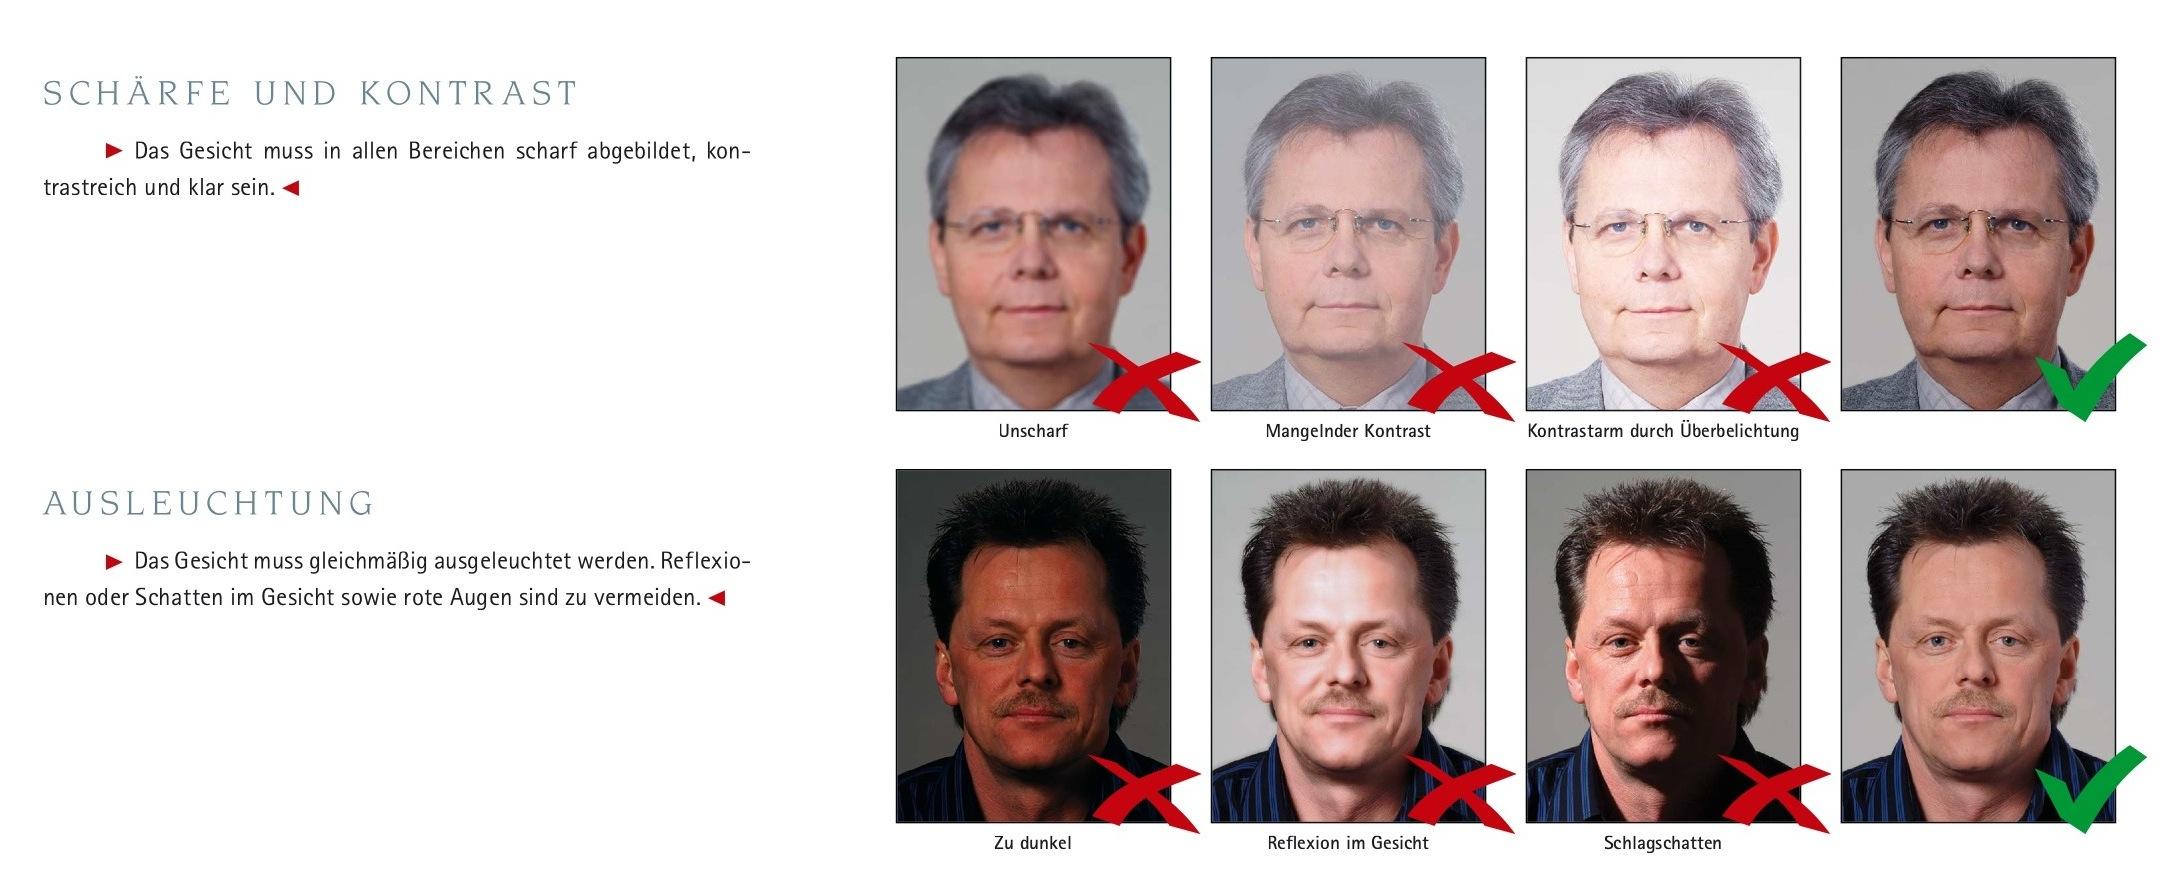 шенген требования к фото на визы